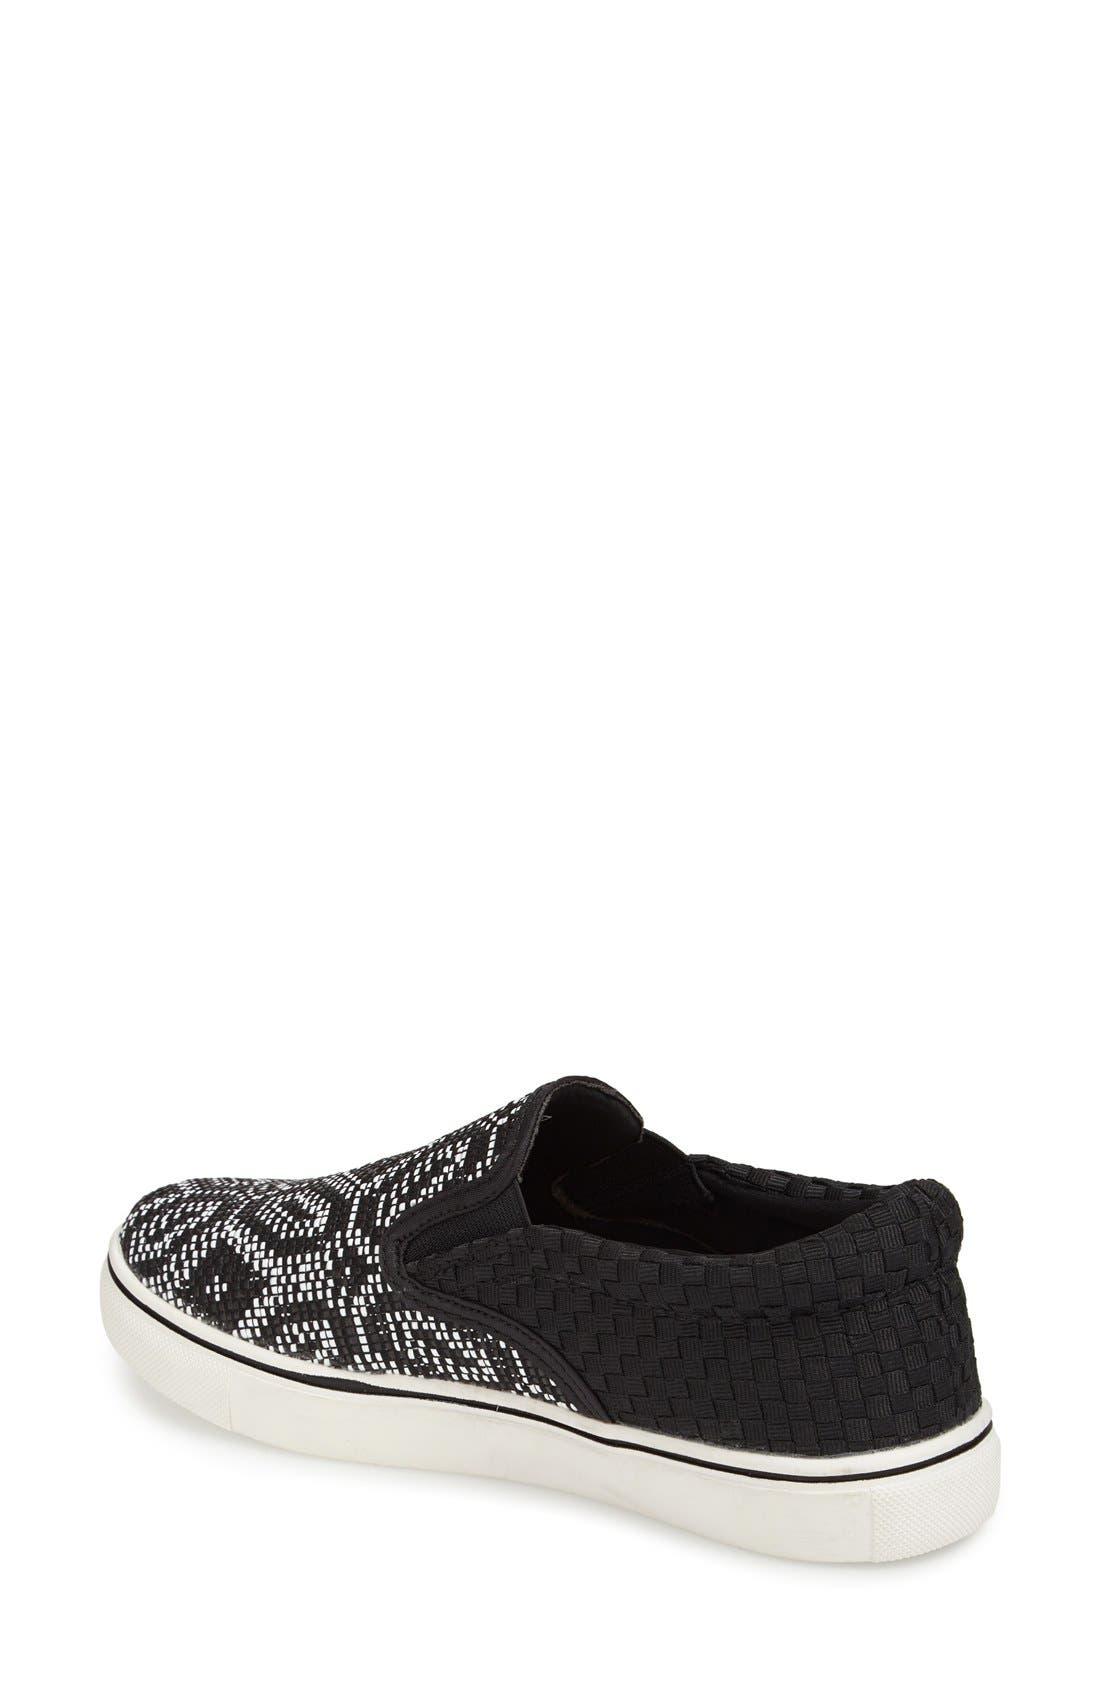 Alternate Image 2  - bernie mev. 'Blair' Slip-On Sneaker (Women)